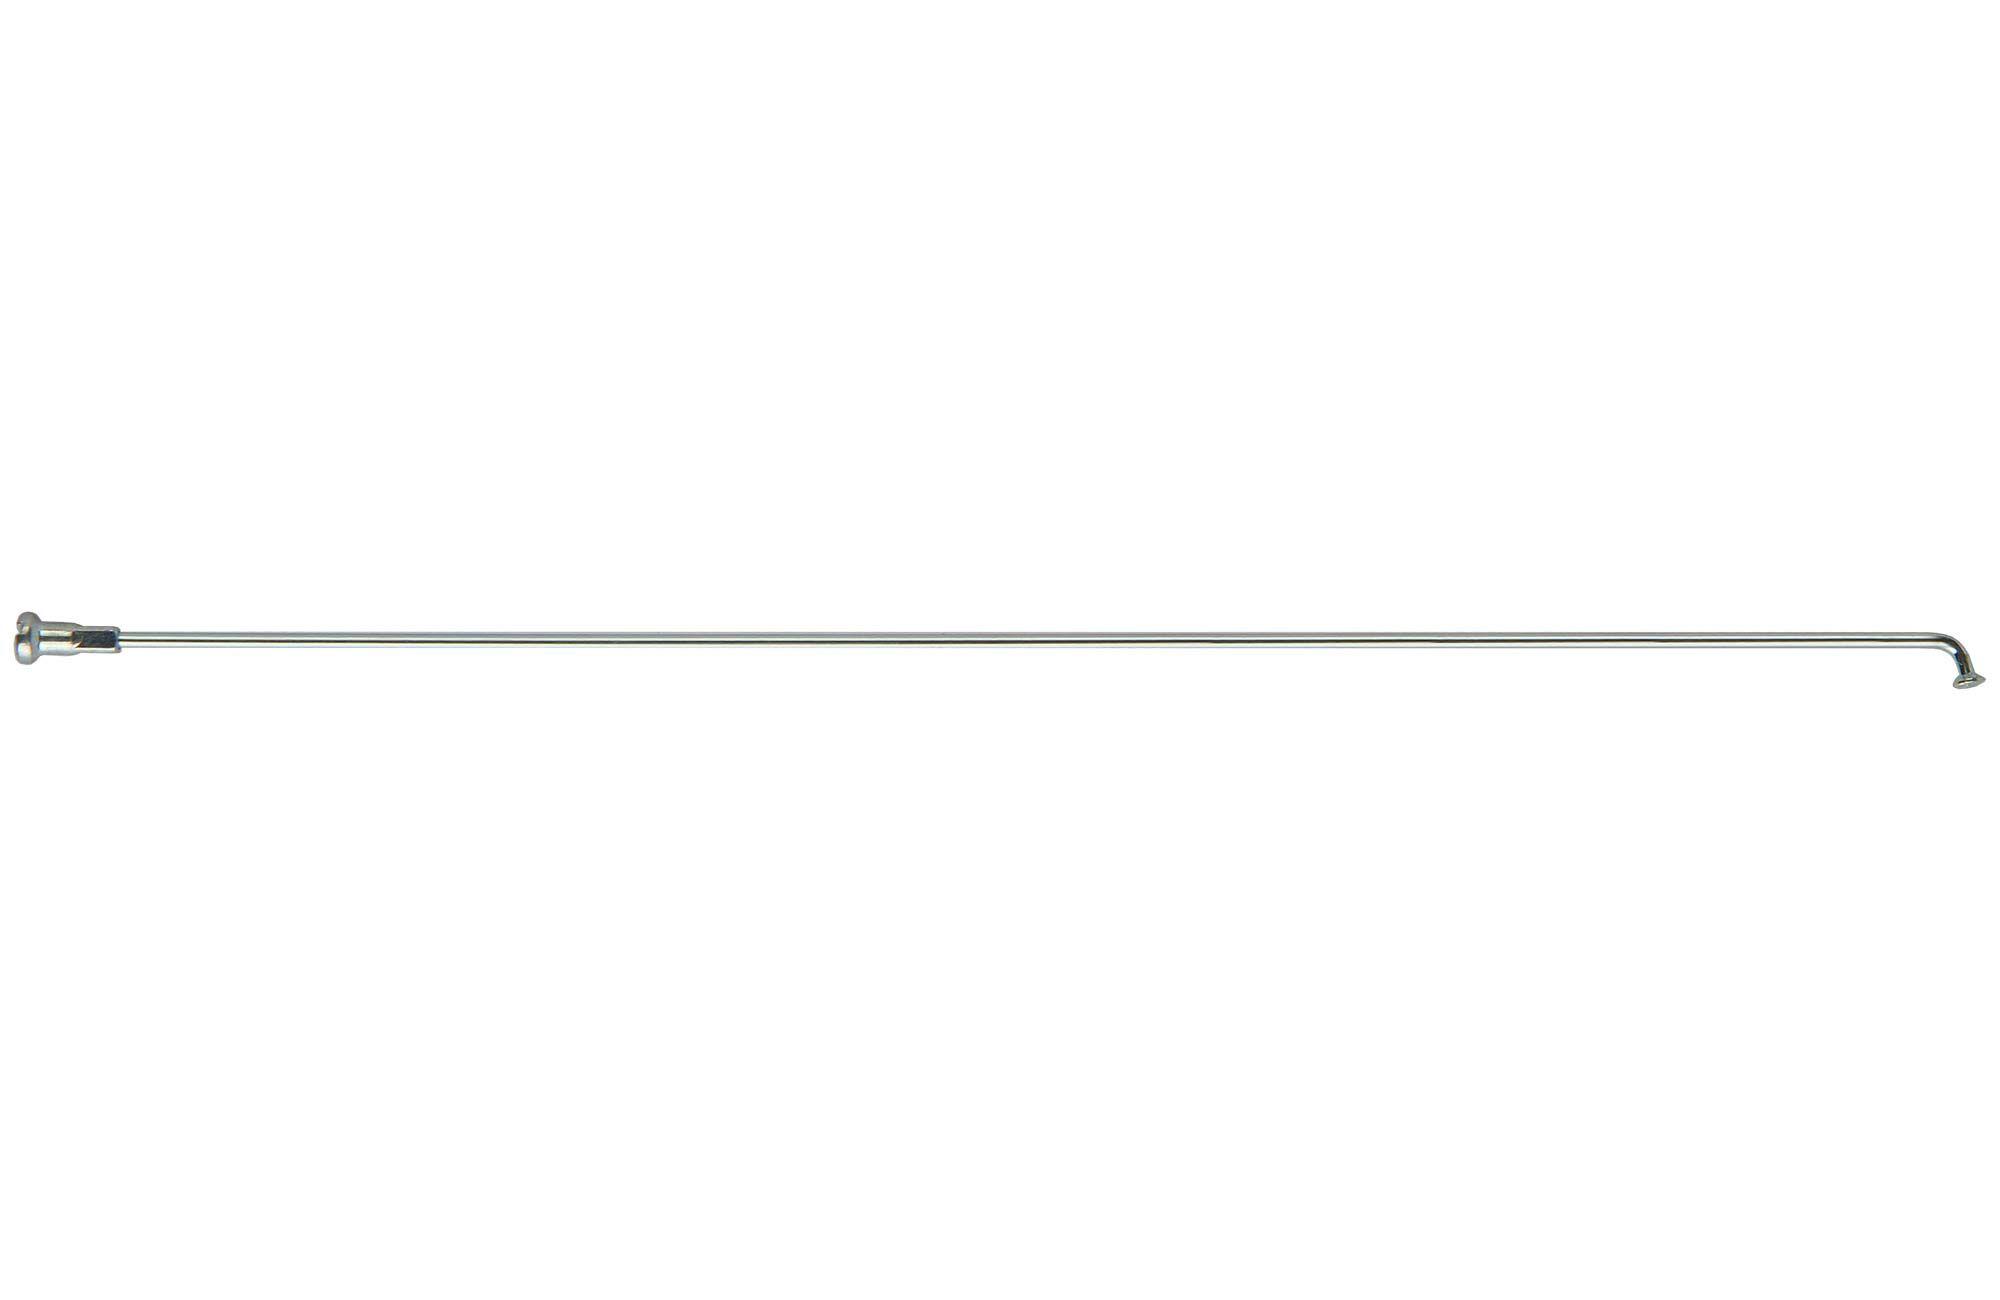 Запчасть Stels спица с ниппелем 256 мм  для задн. колеса 24 запчасть stels с ниппелем 235 мм 24